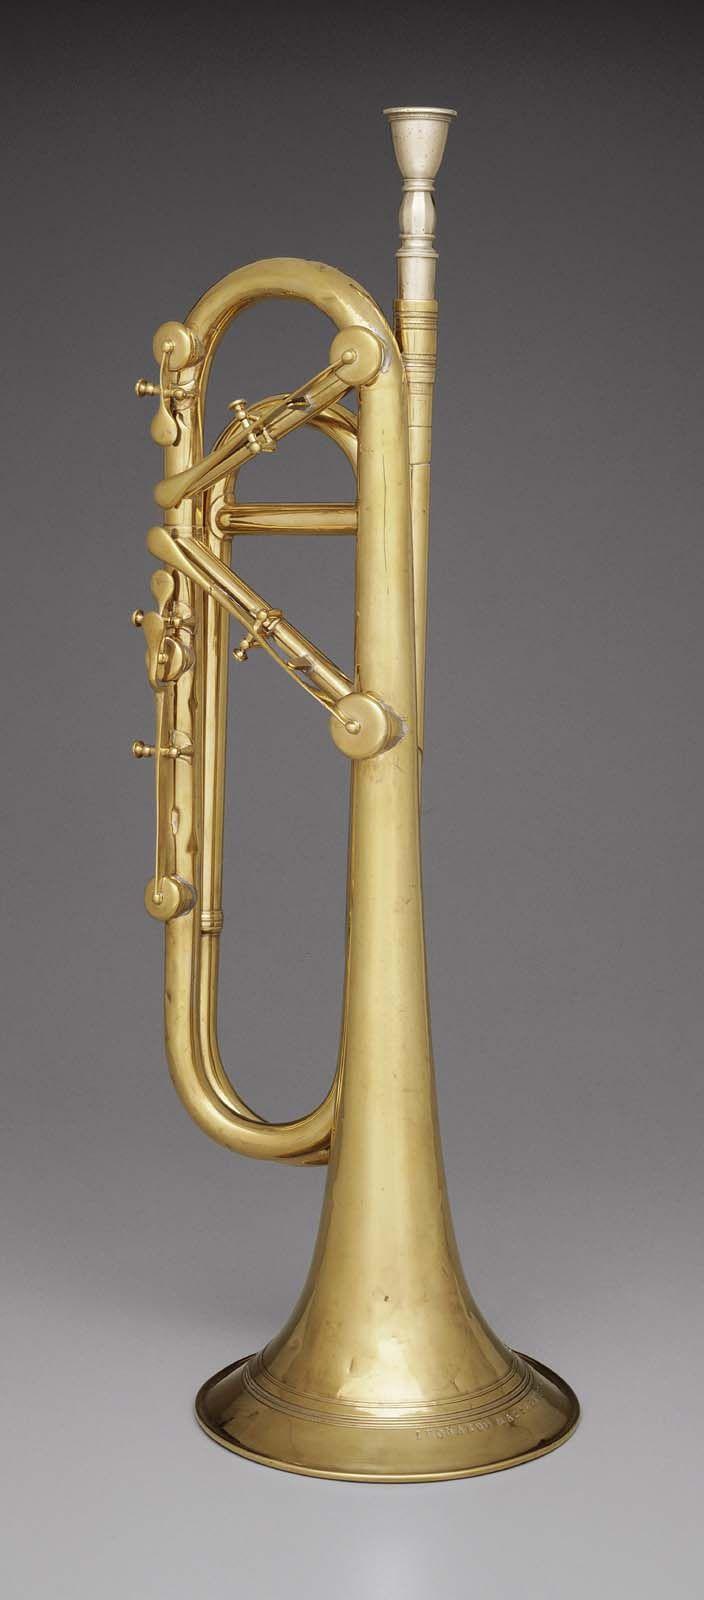 Keyed Trumpet Massarenti 1843 Woodwind Instruments Brass Instrument Musical Instruments